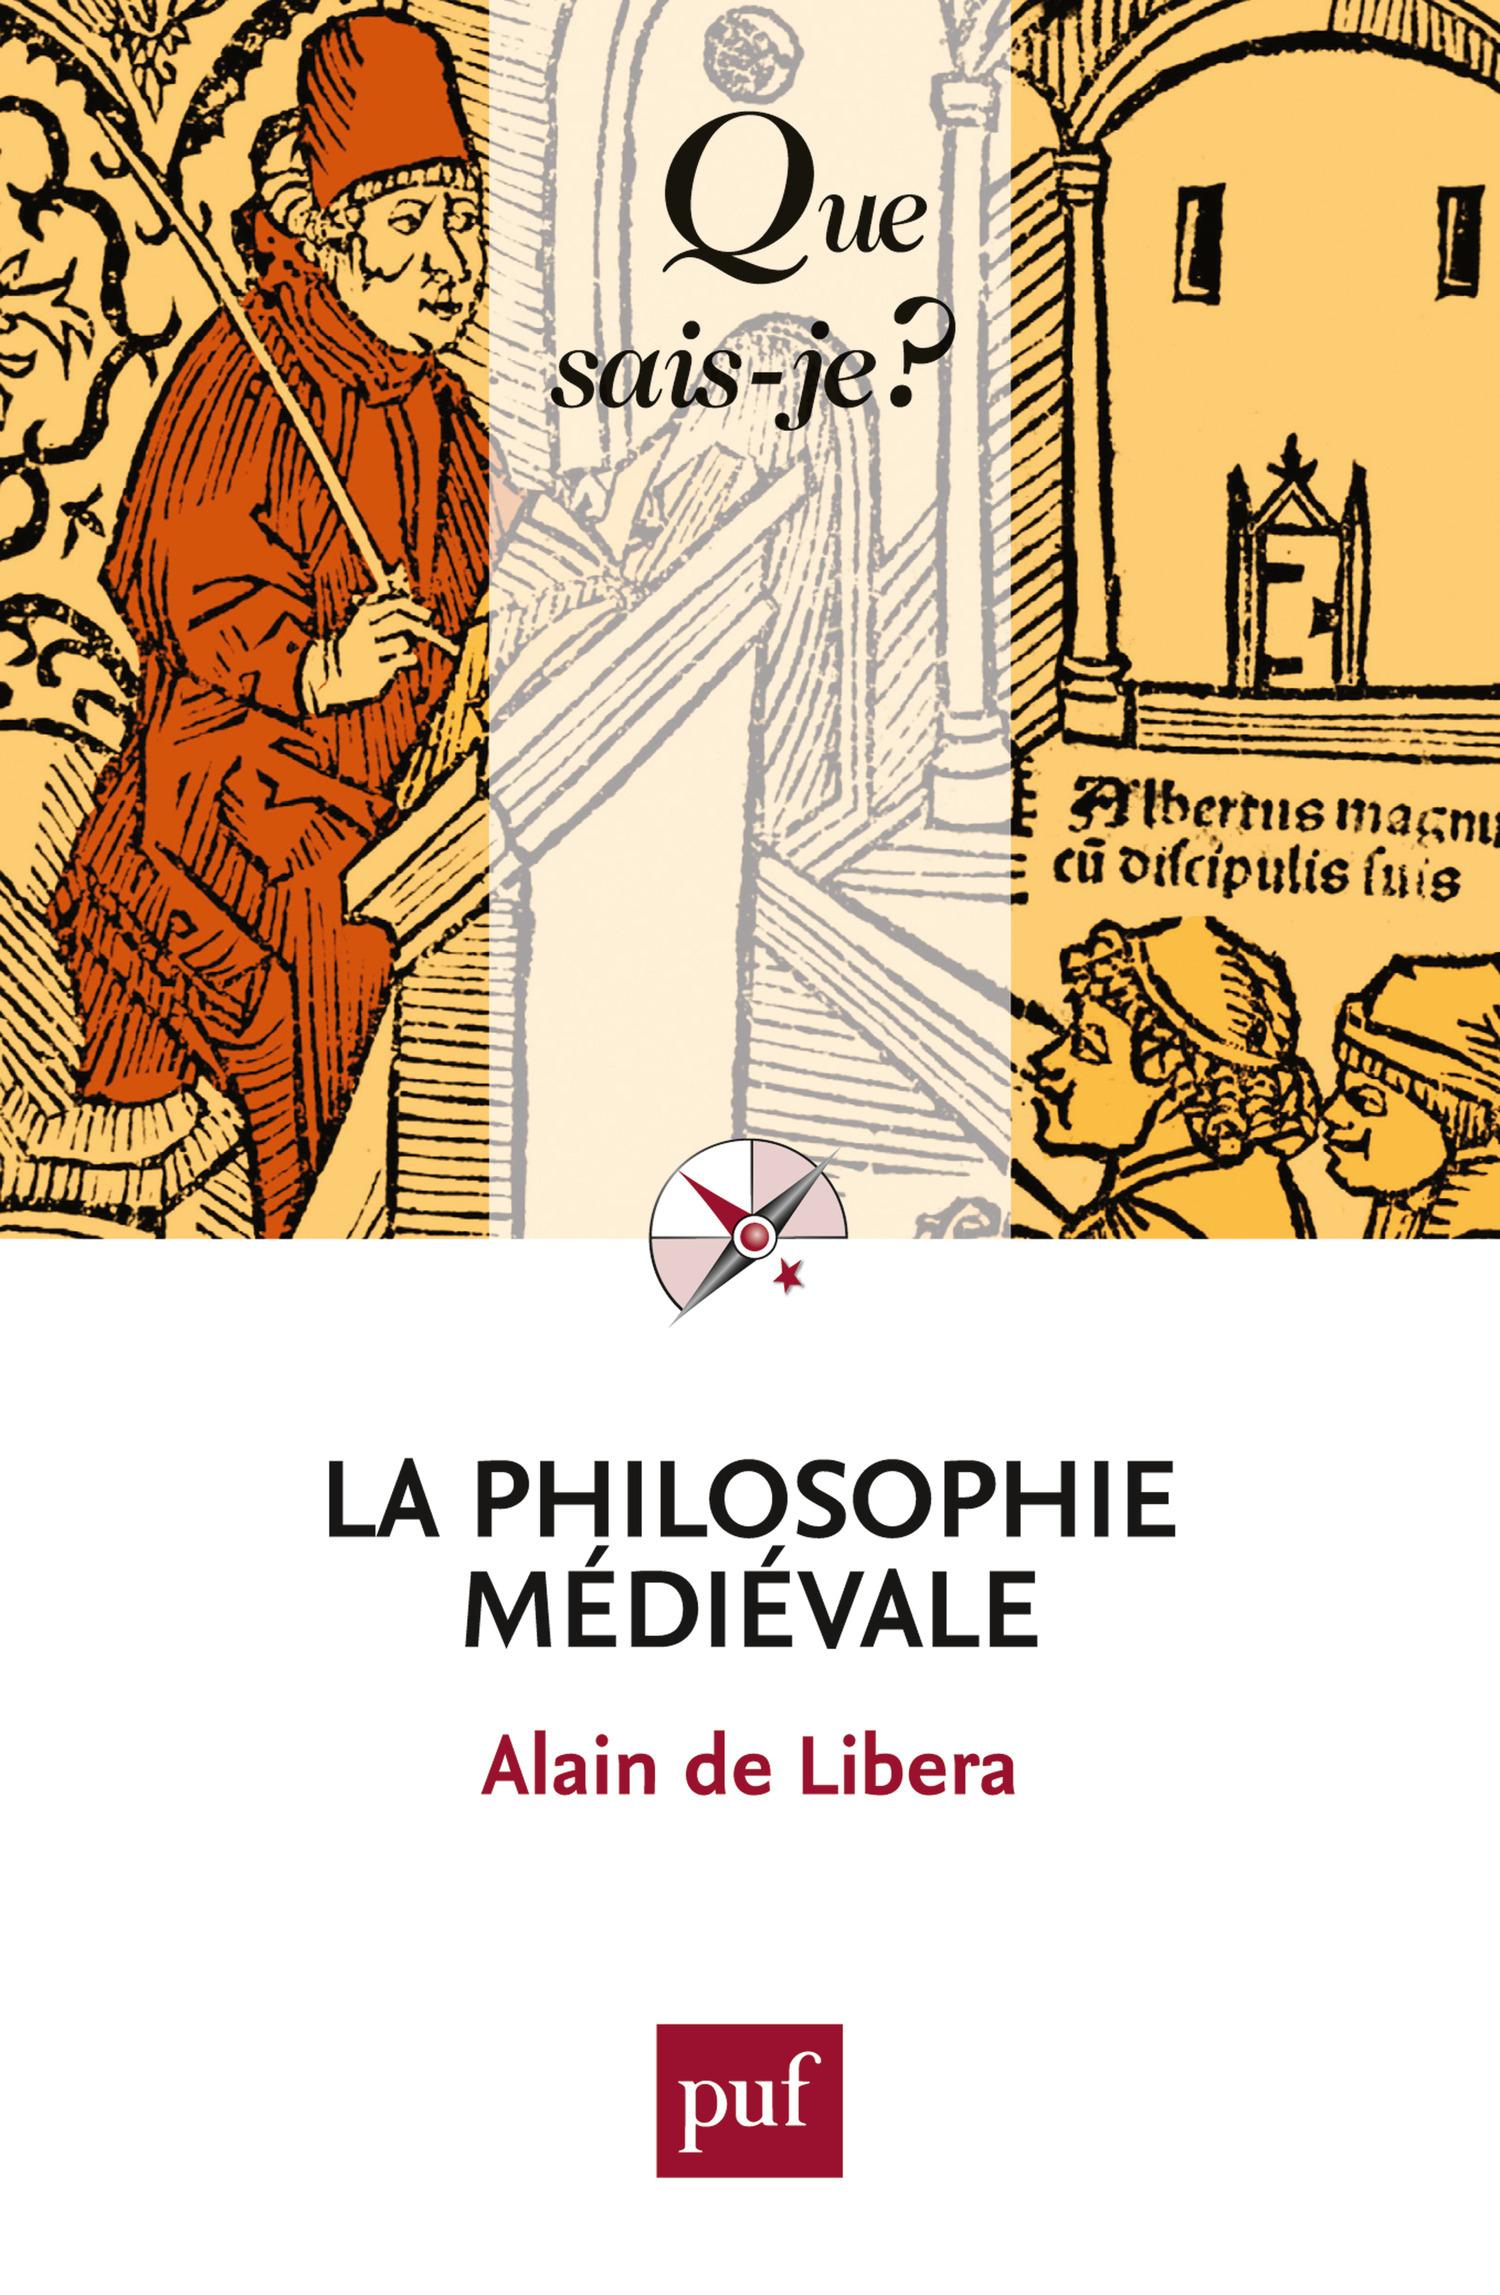 Alain de Libera La philosophie médiévale